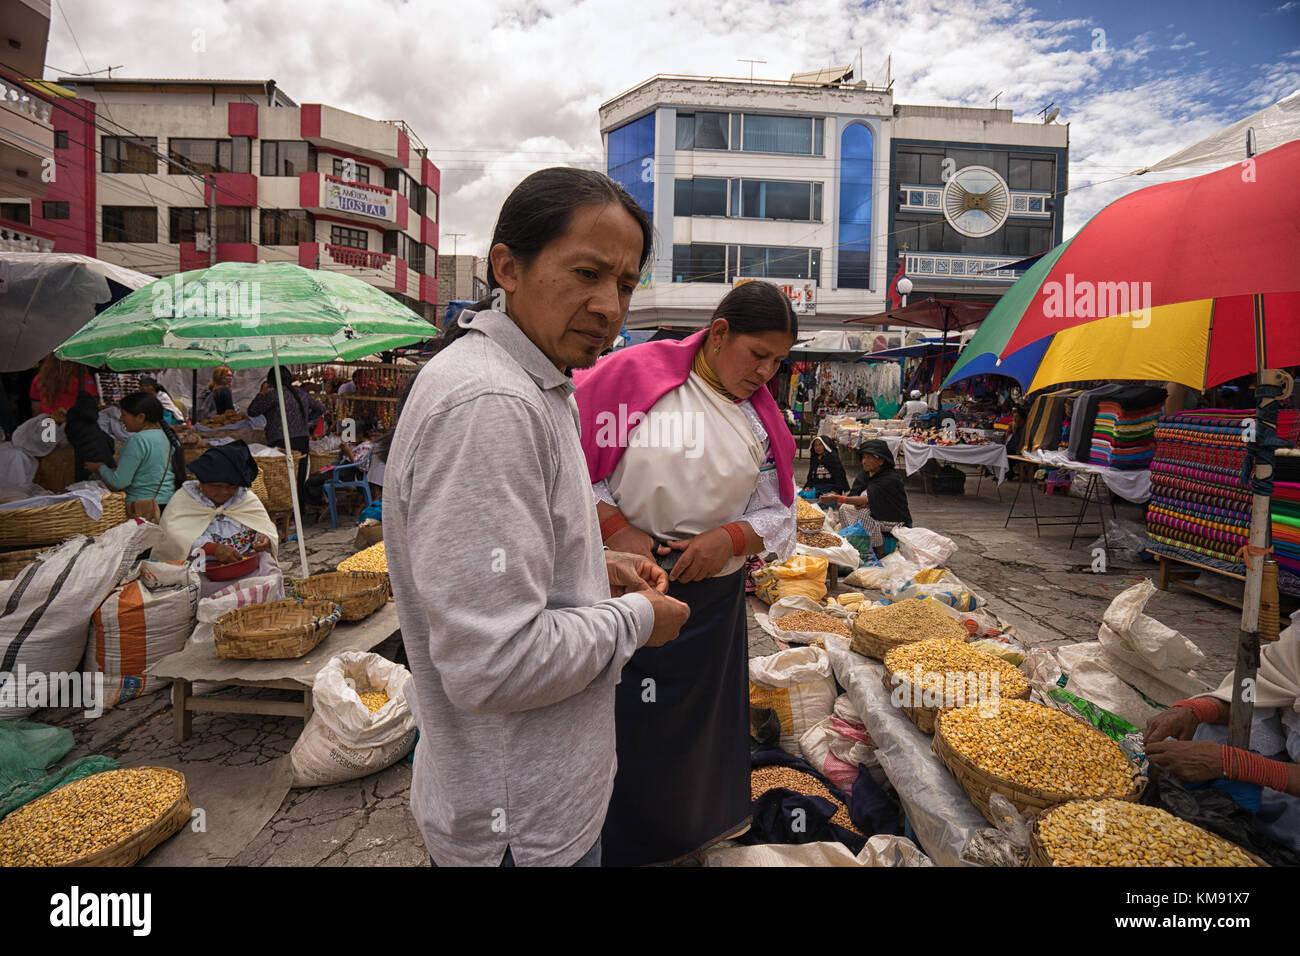 Otavalo, Ecuador - Dezember 2, 2017: indigene Mann und Frau Einkaufen in der Samstag im freien Handwerker- und Bauernmarkt Stockbild